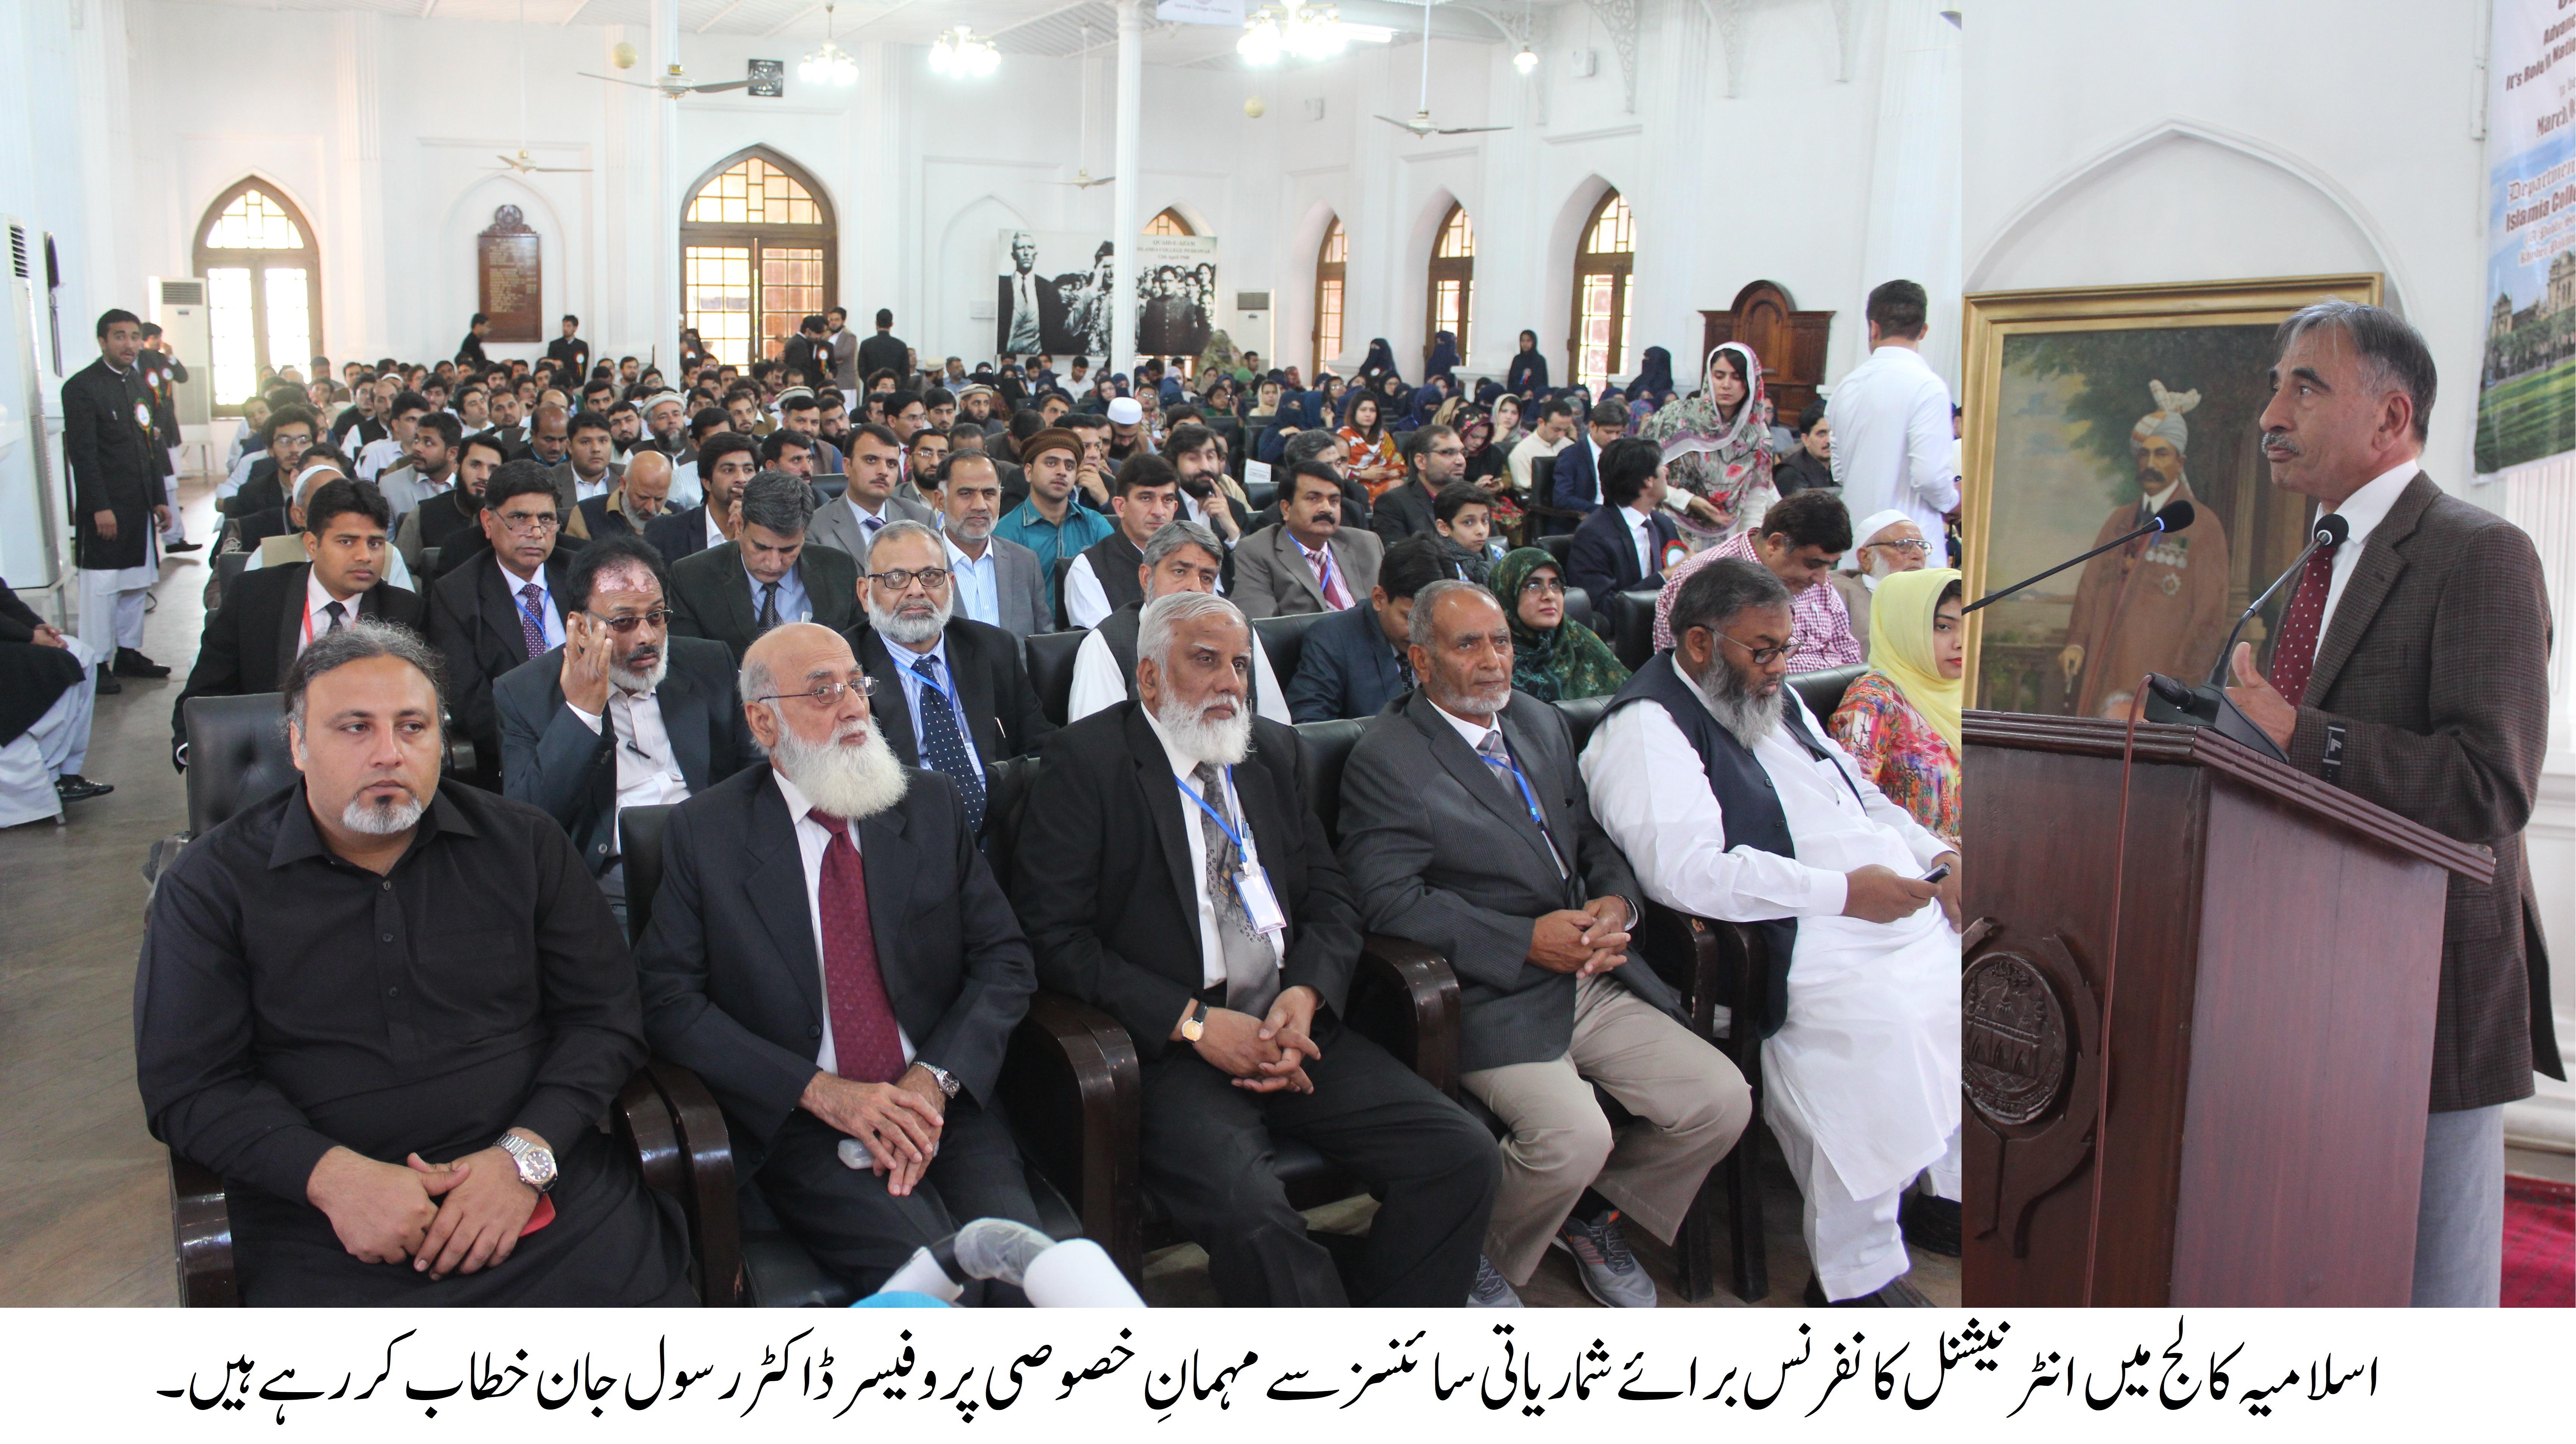 اسلامیہ کالج پشاور میں چار روزہ سولھواں بین الاقوامی کانفرنس شروع